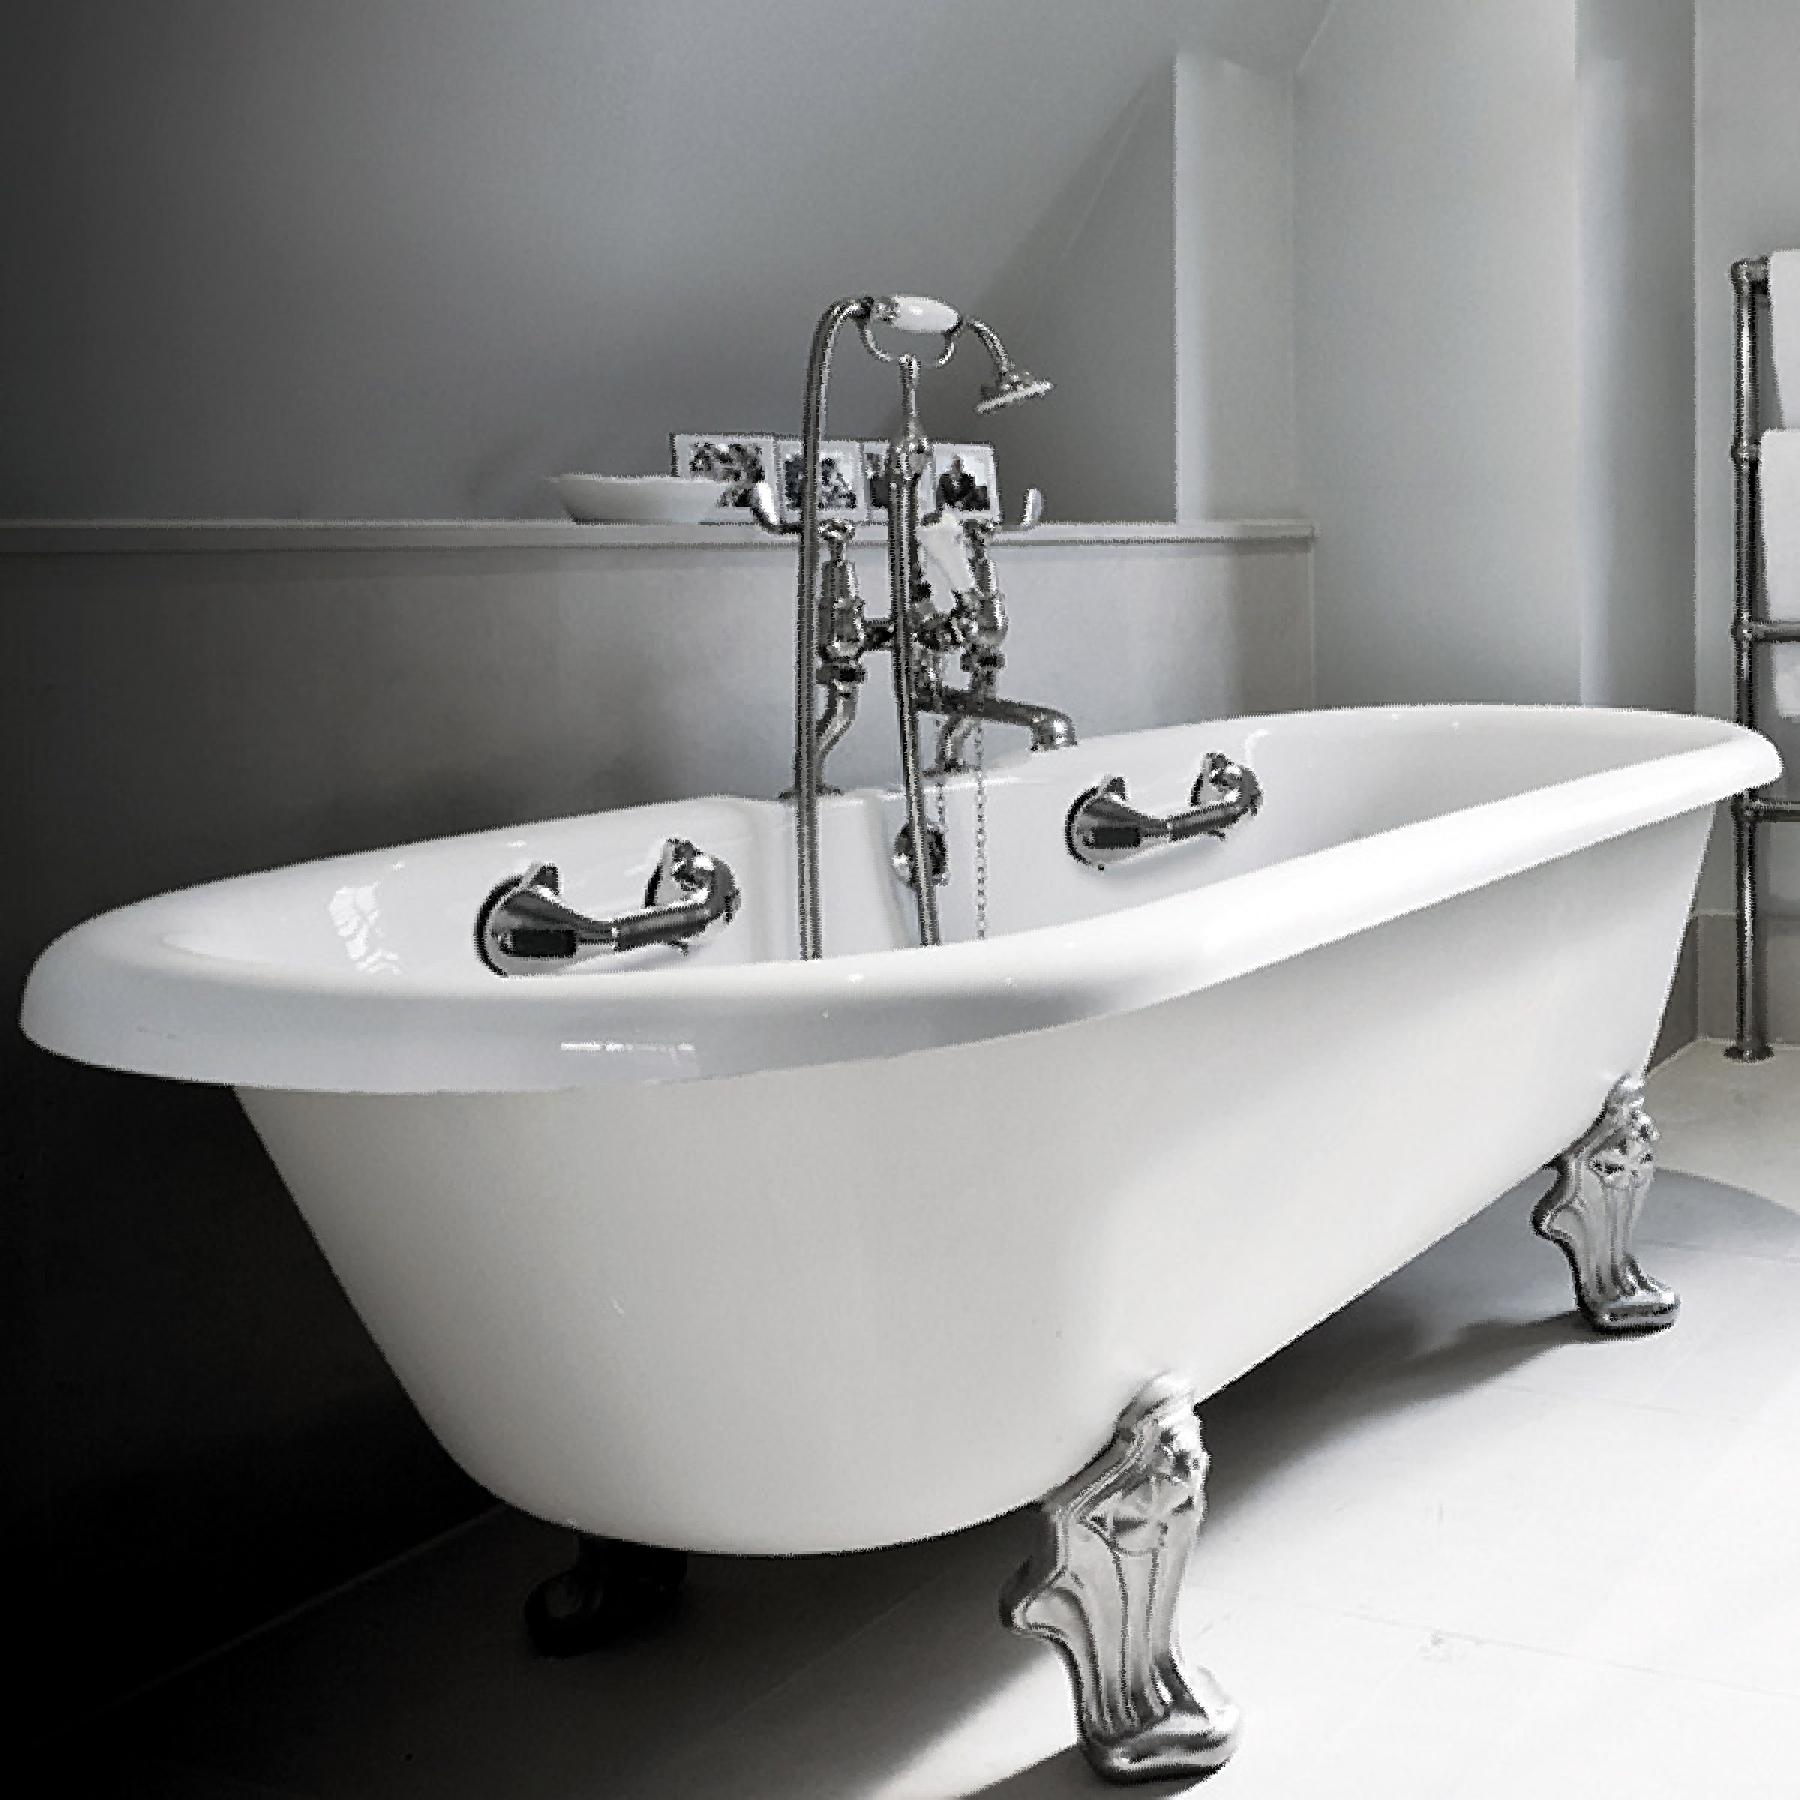 Haltegriff Griff Bad WC Badezimmer Badewanne Dusche Badewannengriff  Saugnapf ohne schrauben